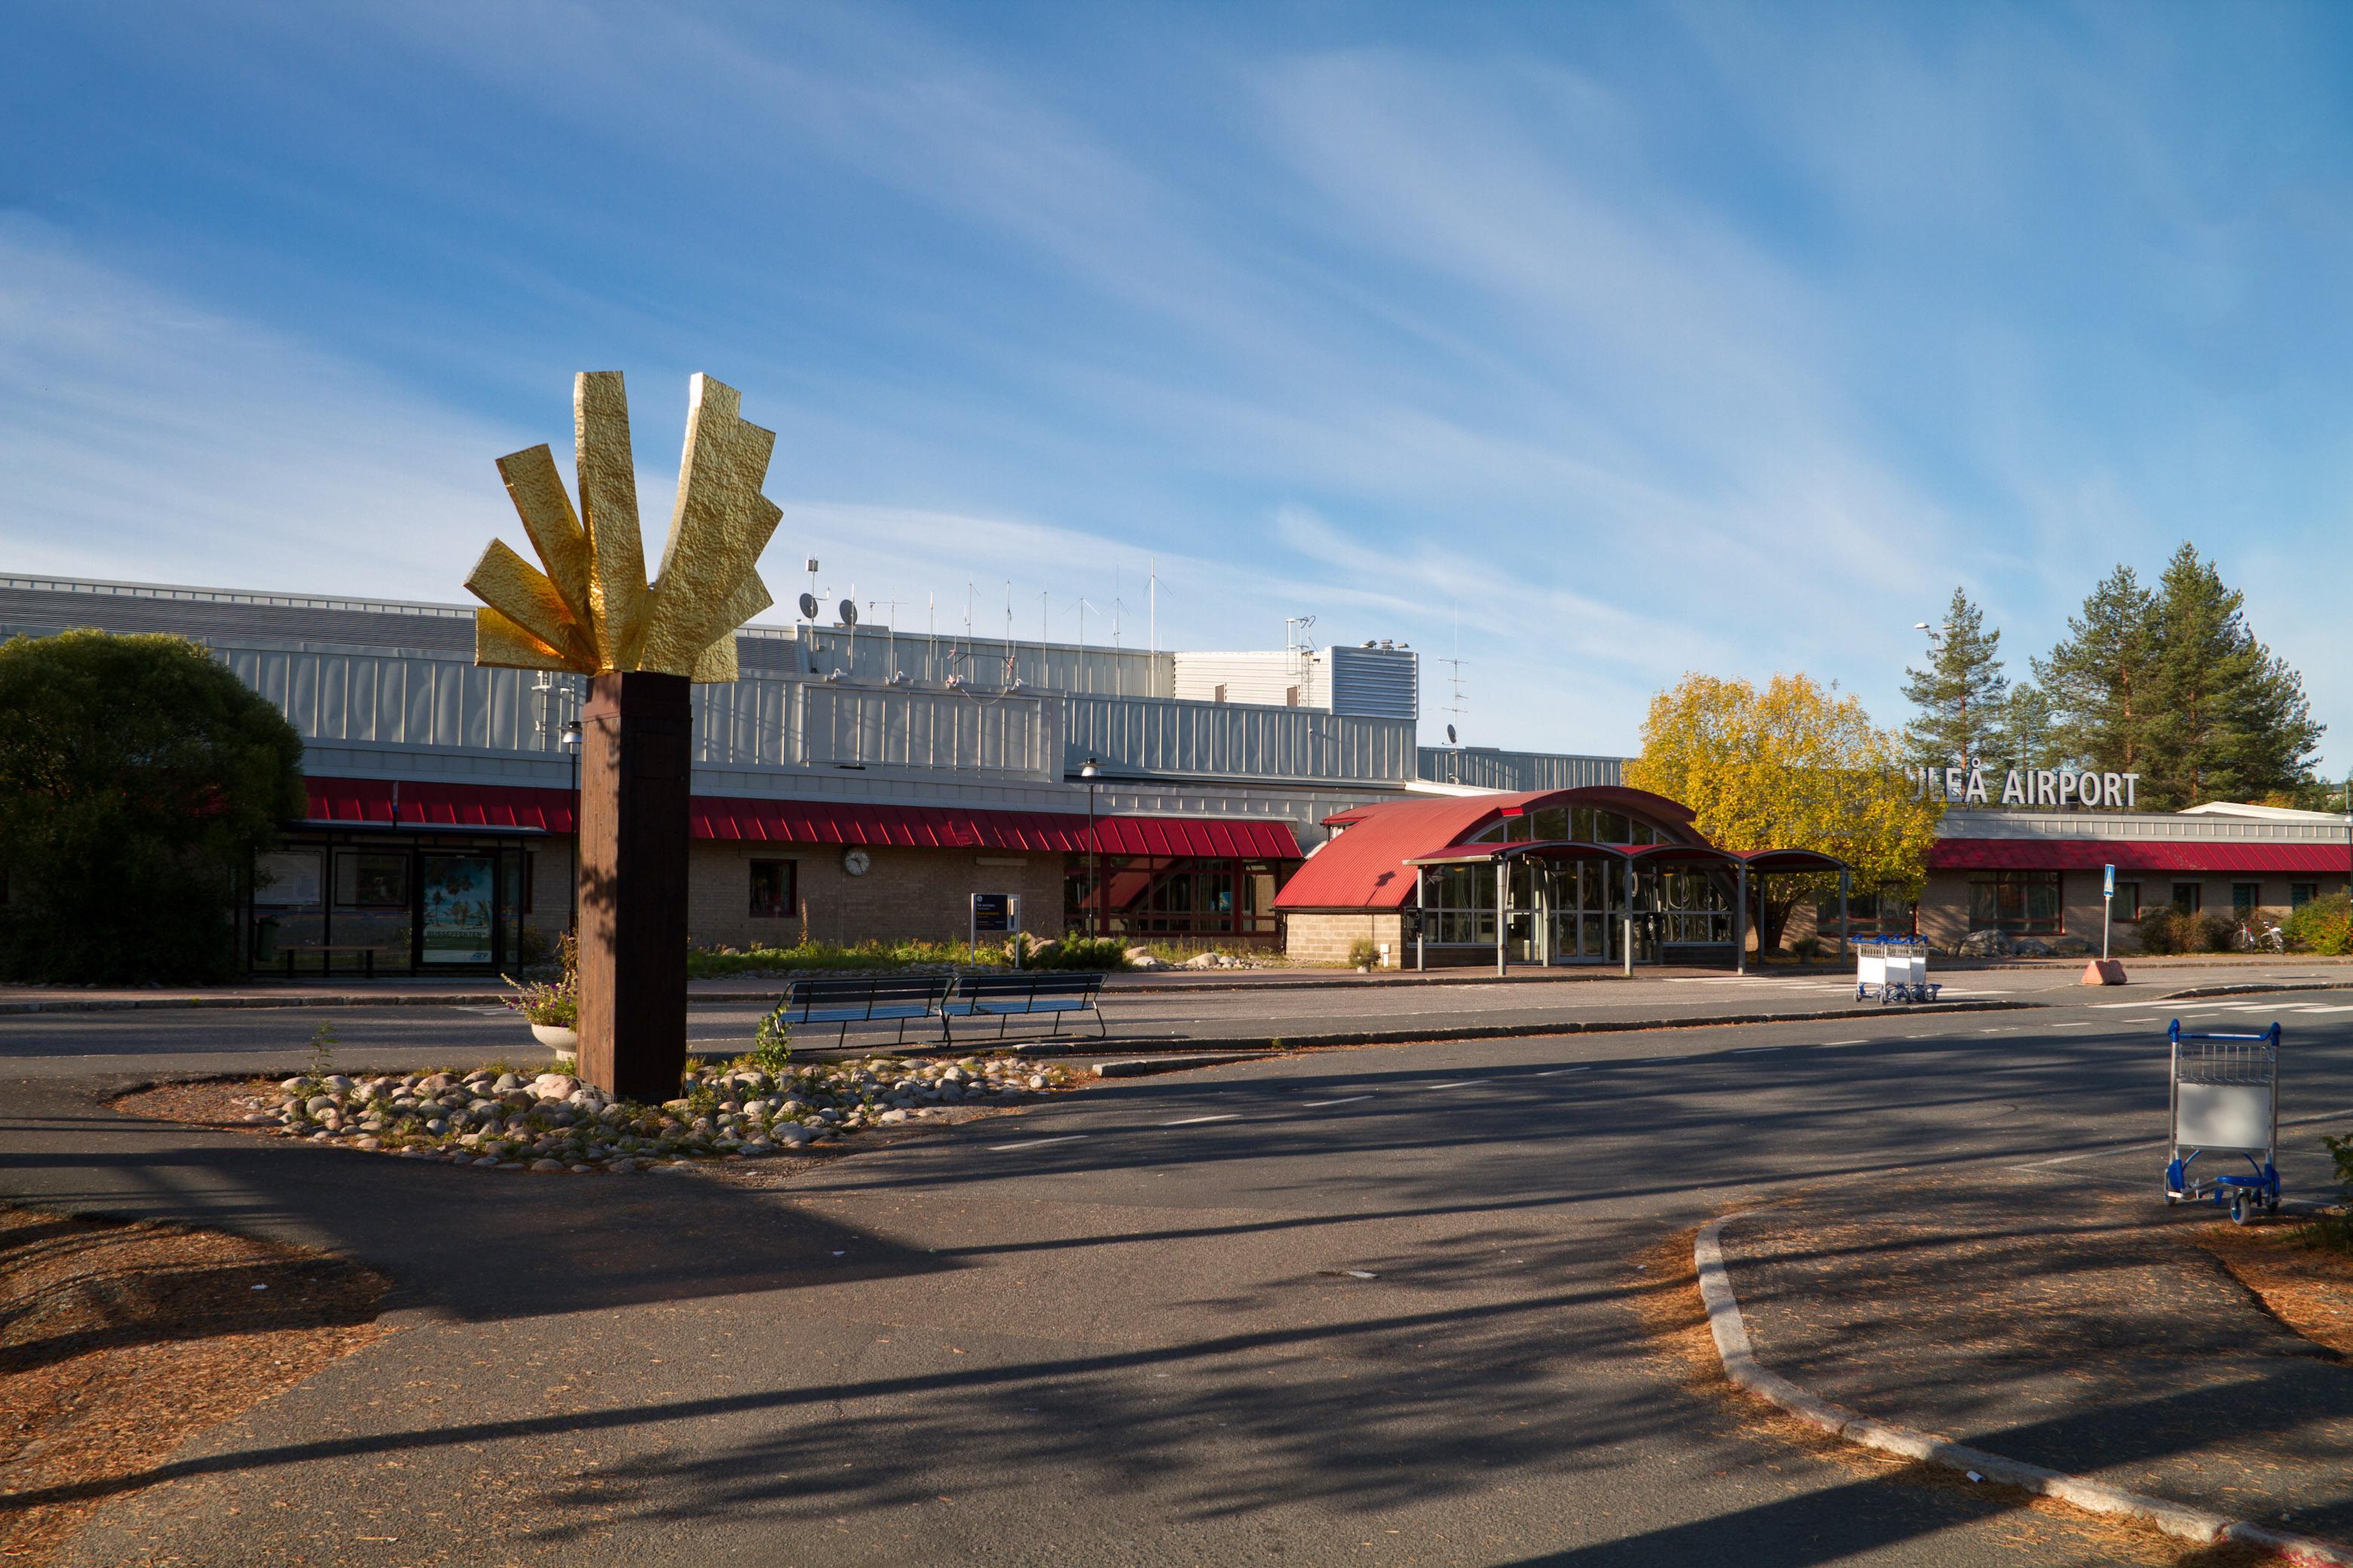 Sveriges största flygplatser - Luleå flygplats